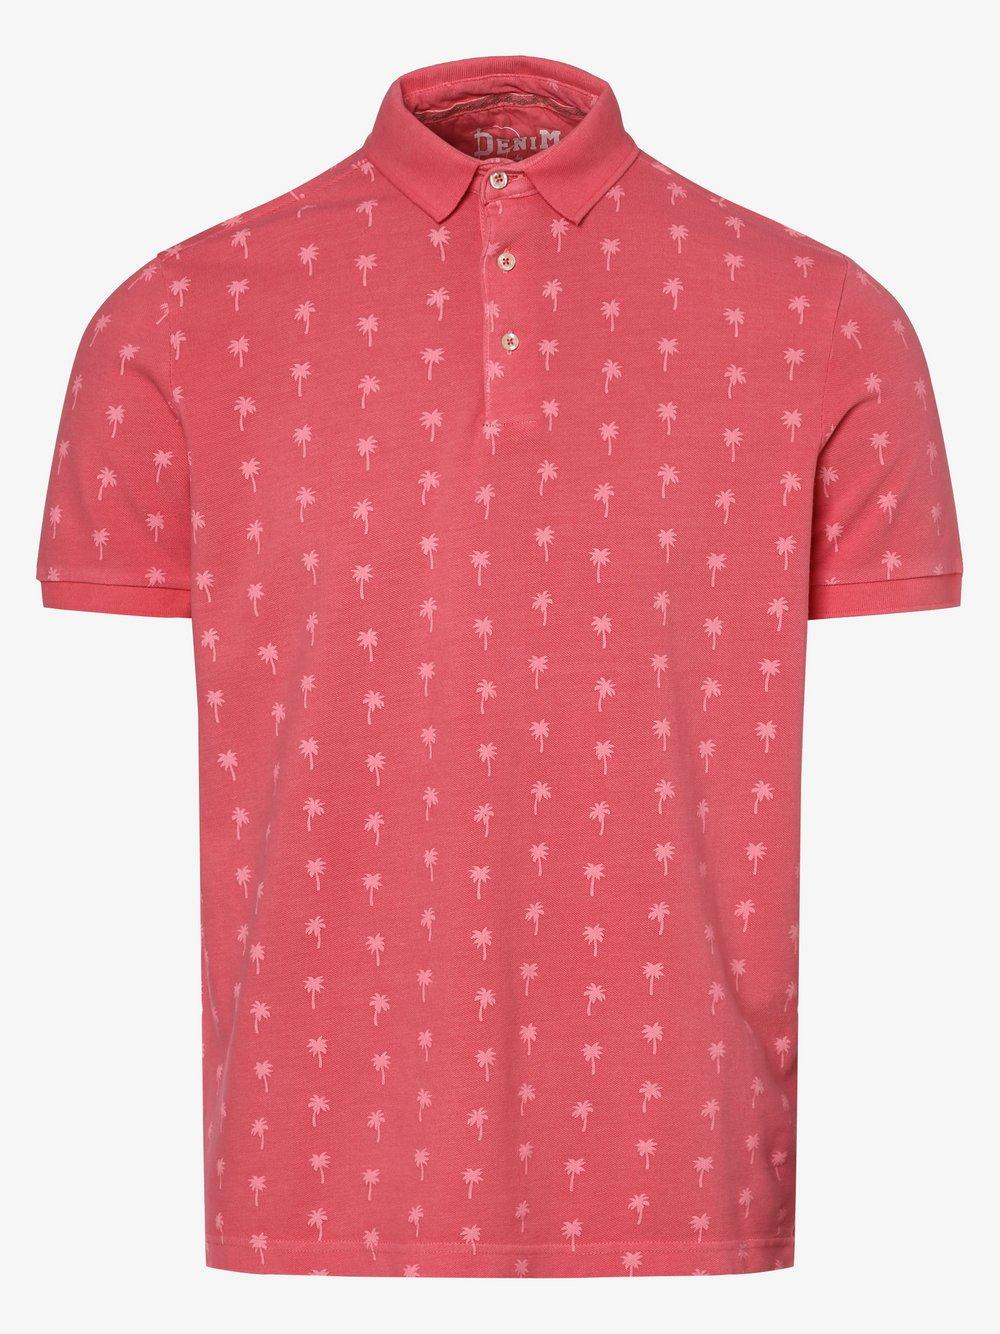 DENIM by Nils Sundström – Męska koszulka polo, różowy Van Graaf 472399-0002